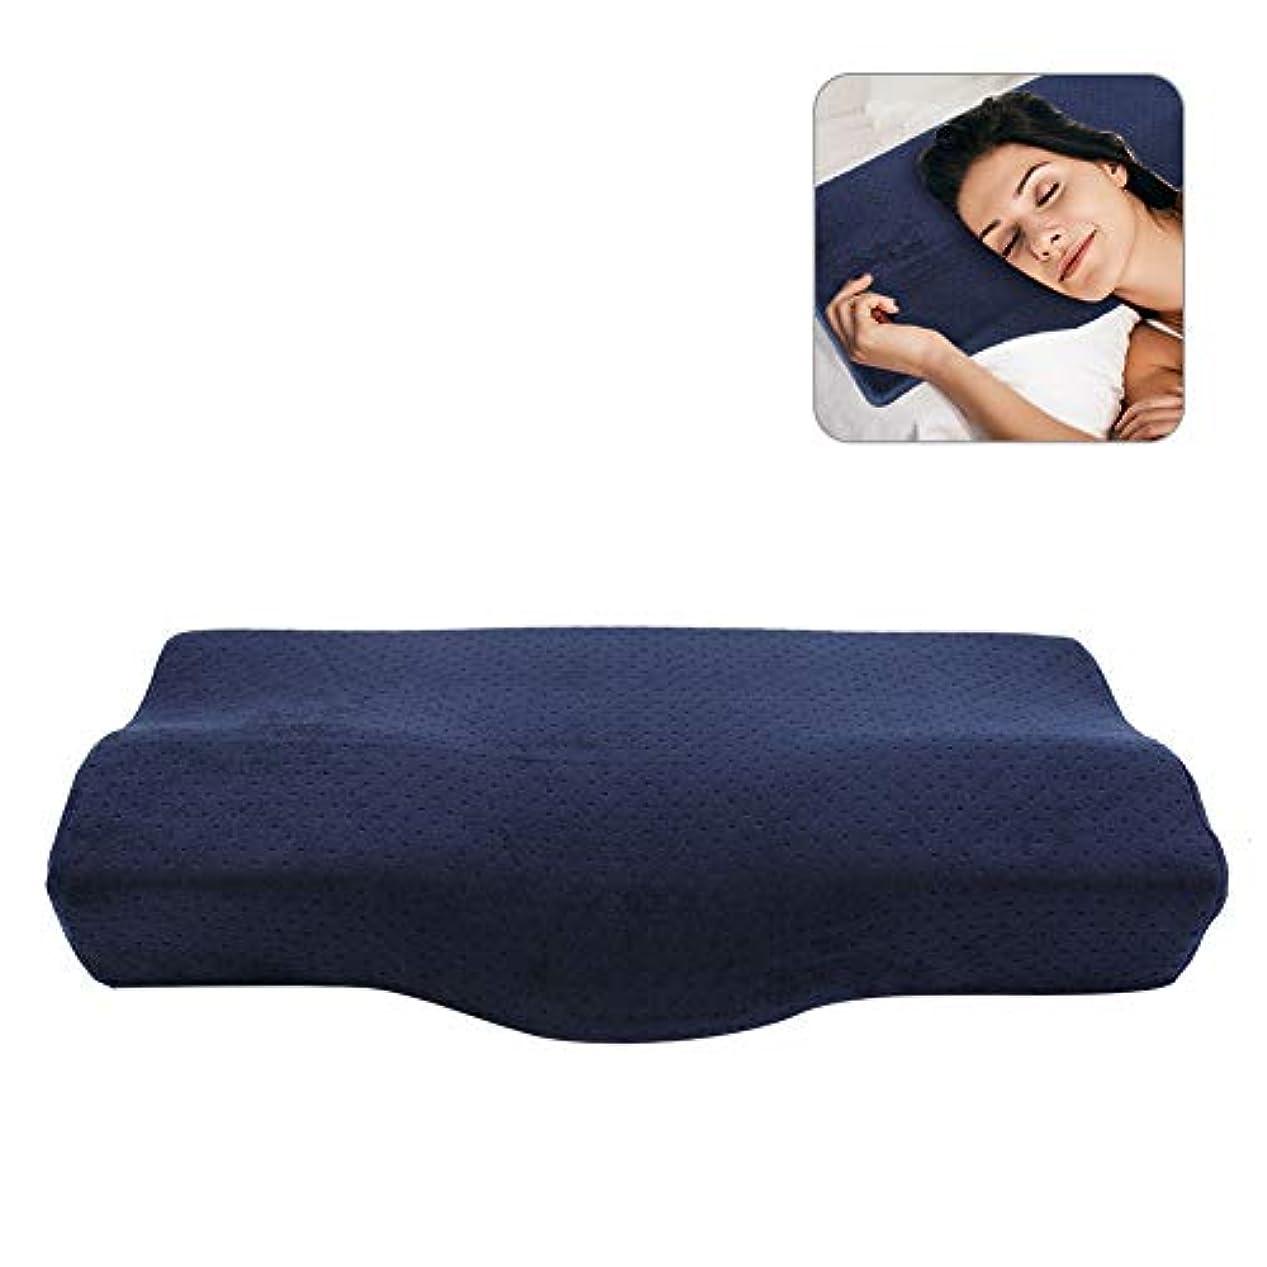 想像力豊かなカーペットおっと枕 安眠 低反発枕 肩こり対策 頸椎サポート 肩こり対策 首?頭?肩 子供 大人向き 美容院&グラフトまつげ (ダークブルー)